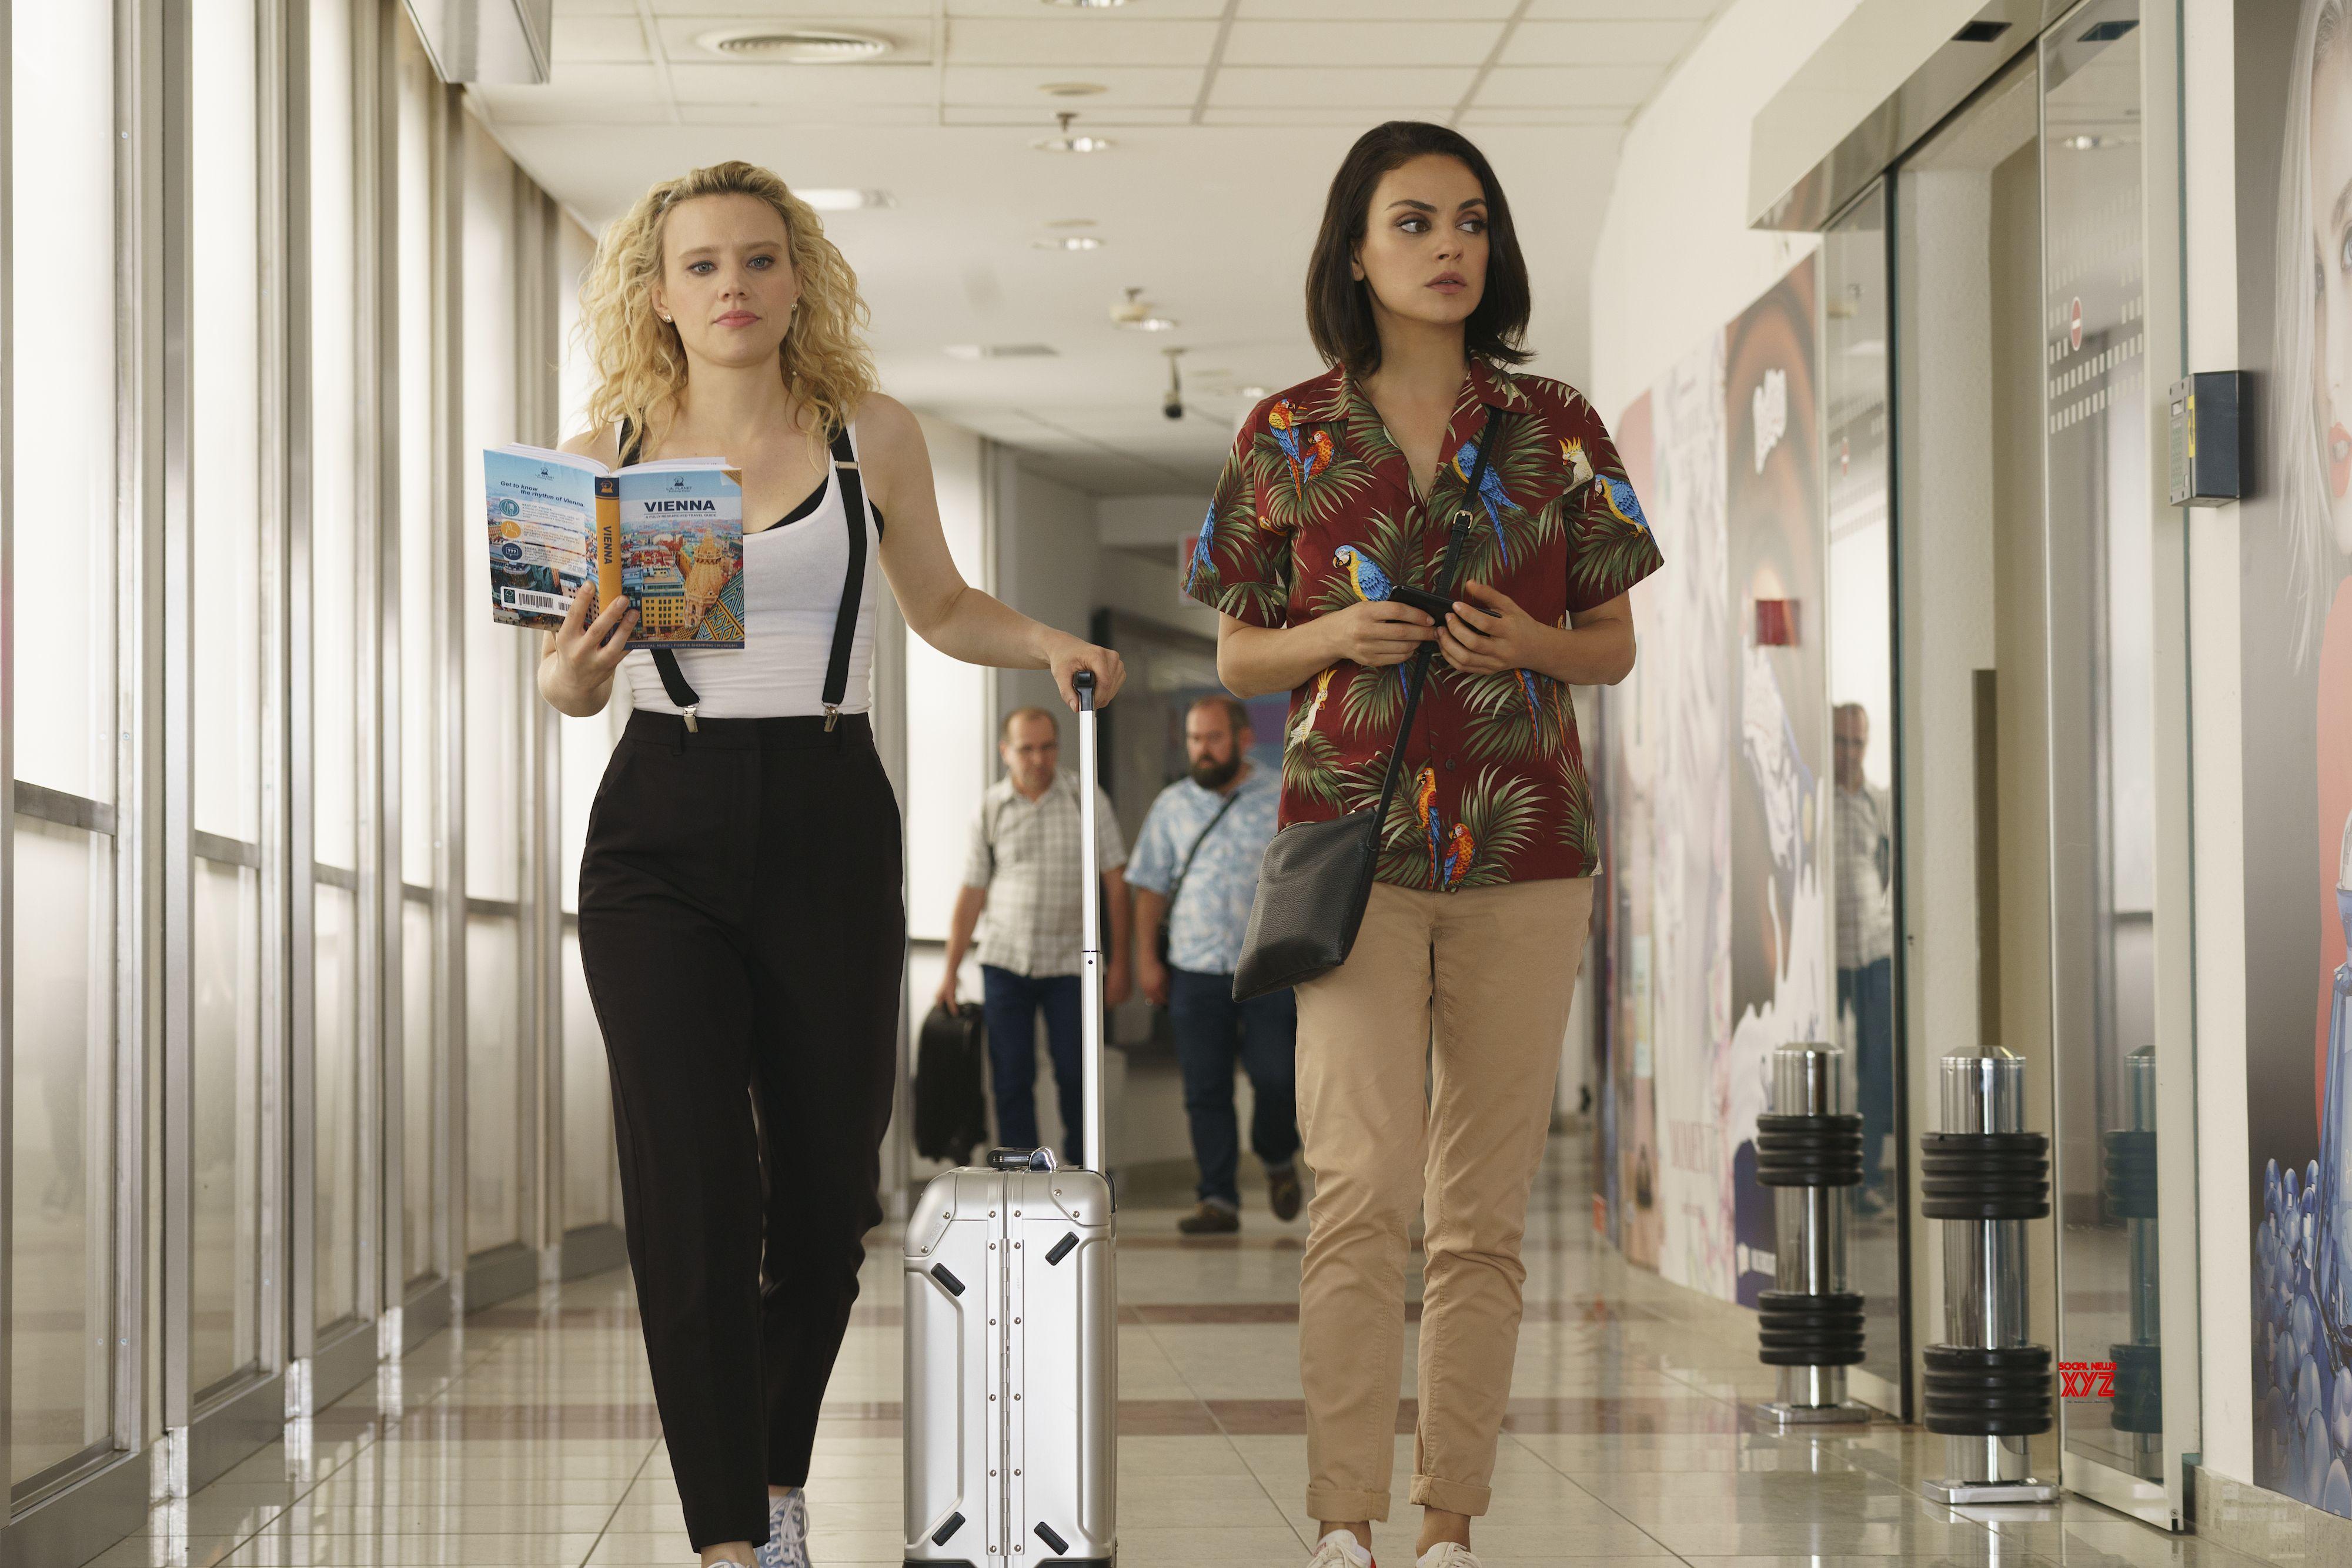 Estrenos: 'El pacto', con Belén Rueda, encabeza las propuestas cinematográficas de la semana